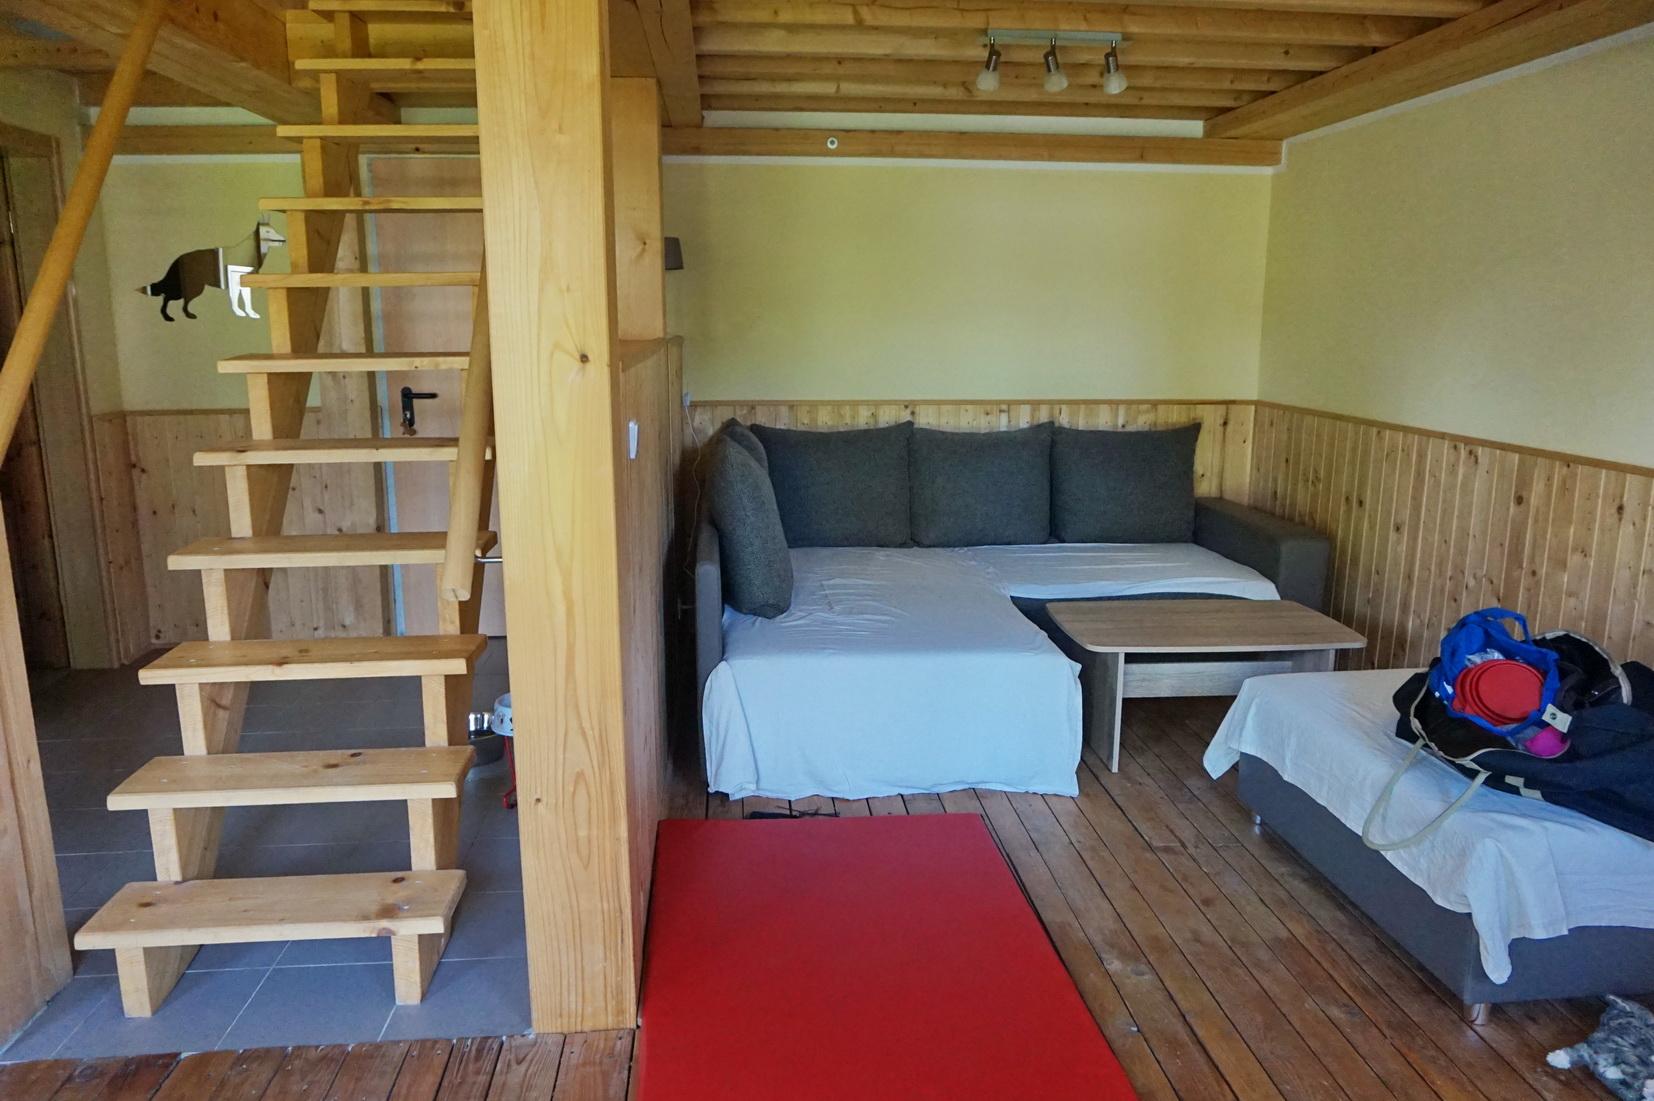 ... gemütliche Sofaecke (dank der Bettlaken durften Suri und Dayo auch auf das Sofa) ...